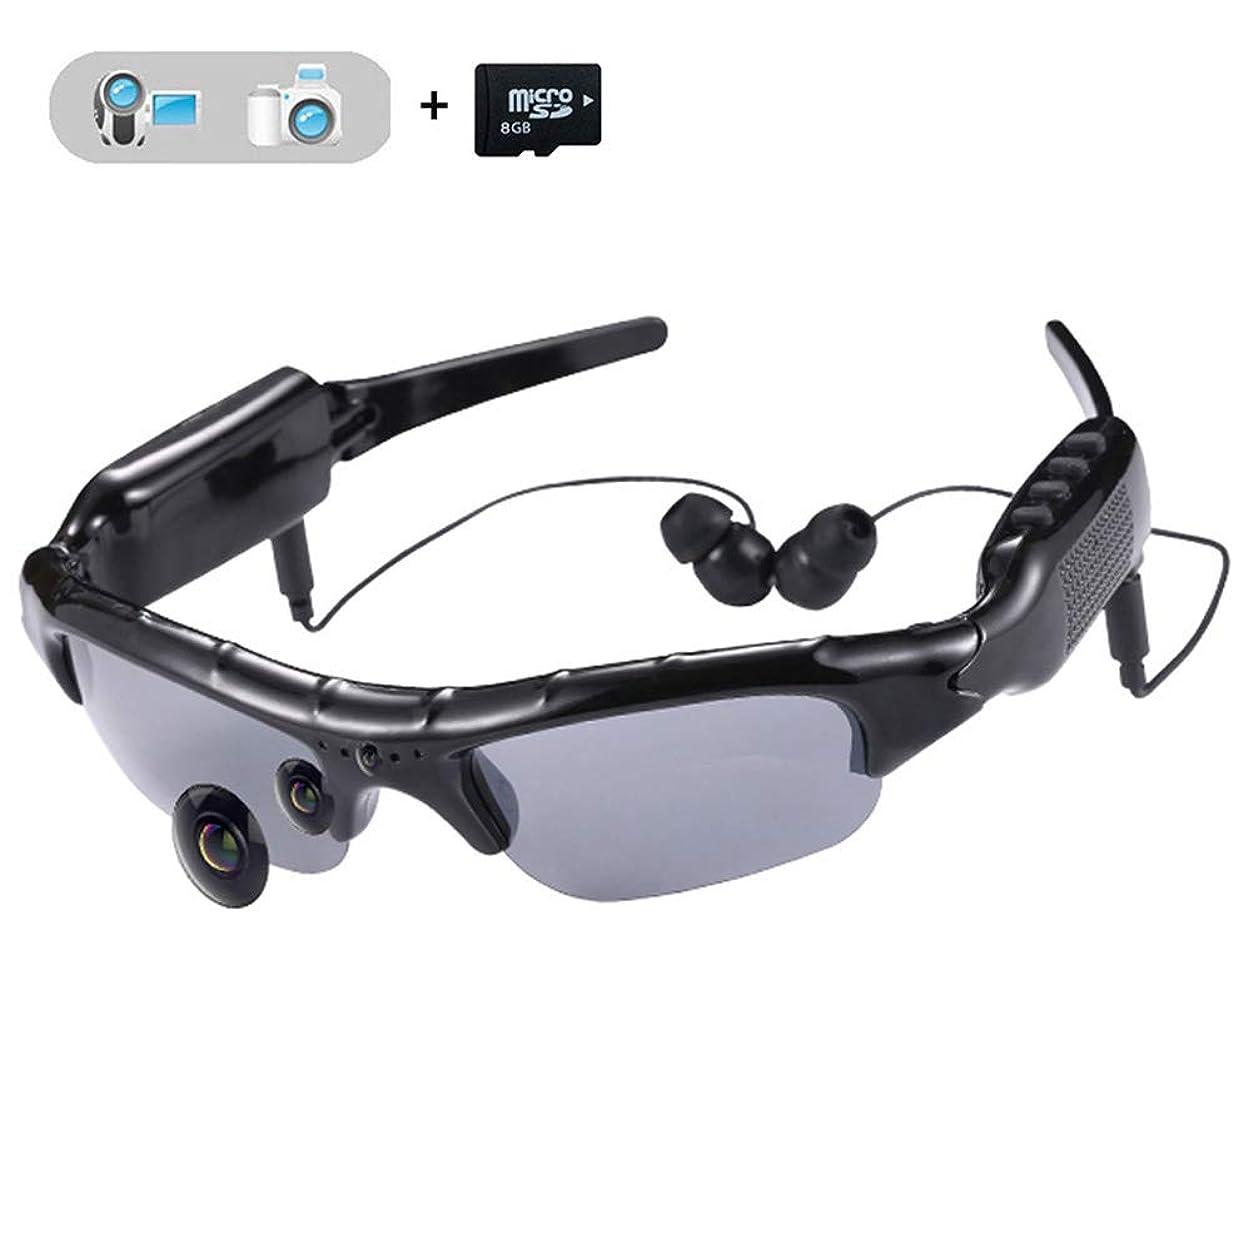 消すシェルター征服者WOTUMEO多機能サングラスMP3プレーヤーミニDV DVRカメラビデオメガネスパイメガネスパイカメラドライビングメガネ+ 8GBメモリカード